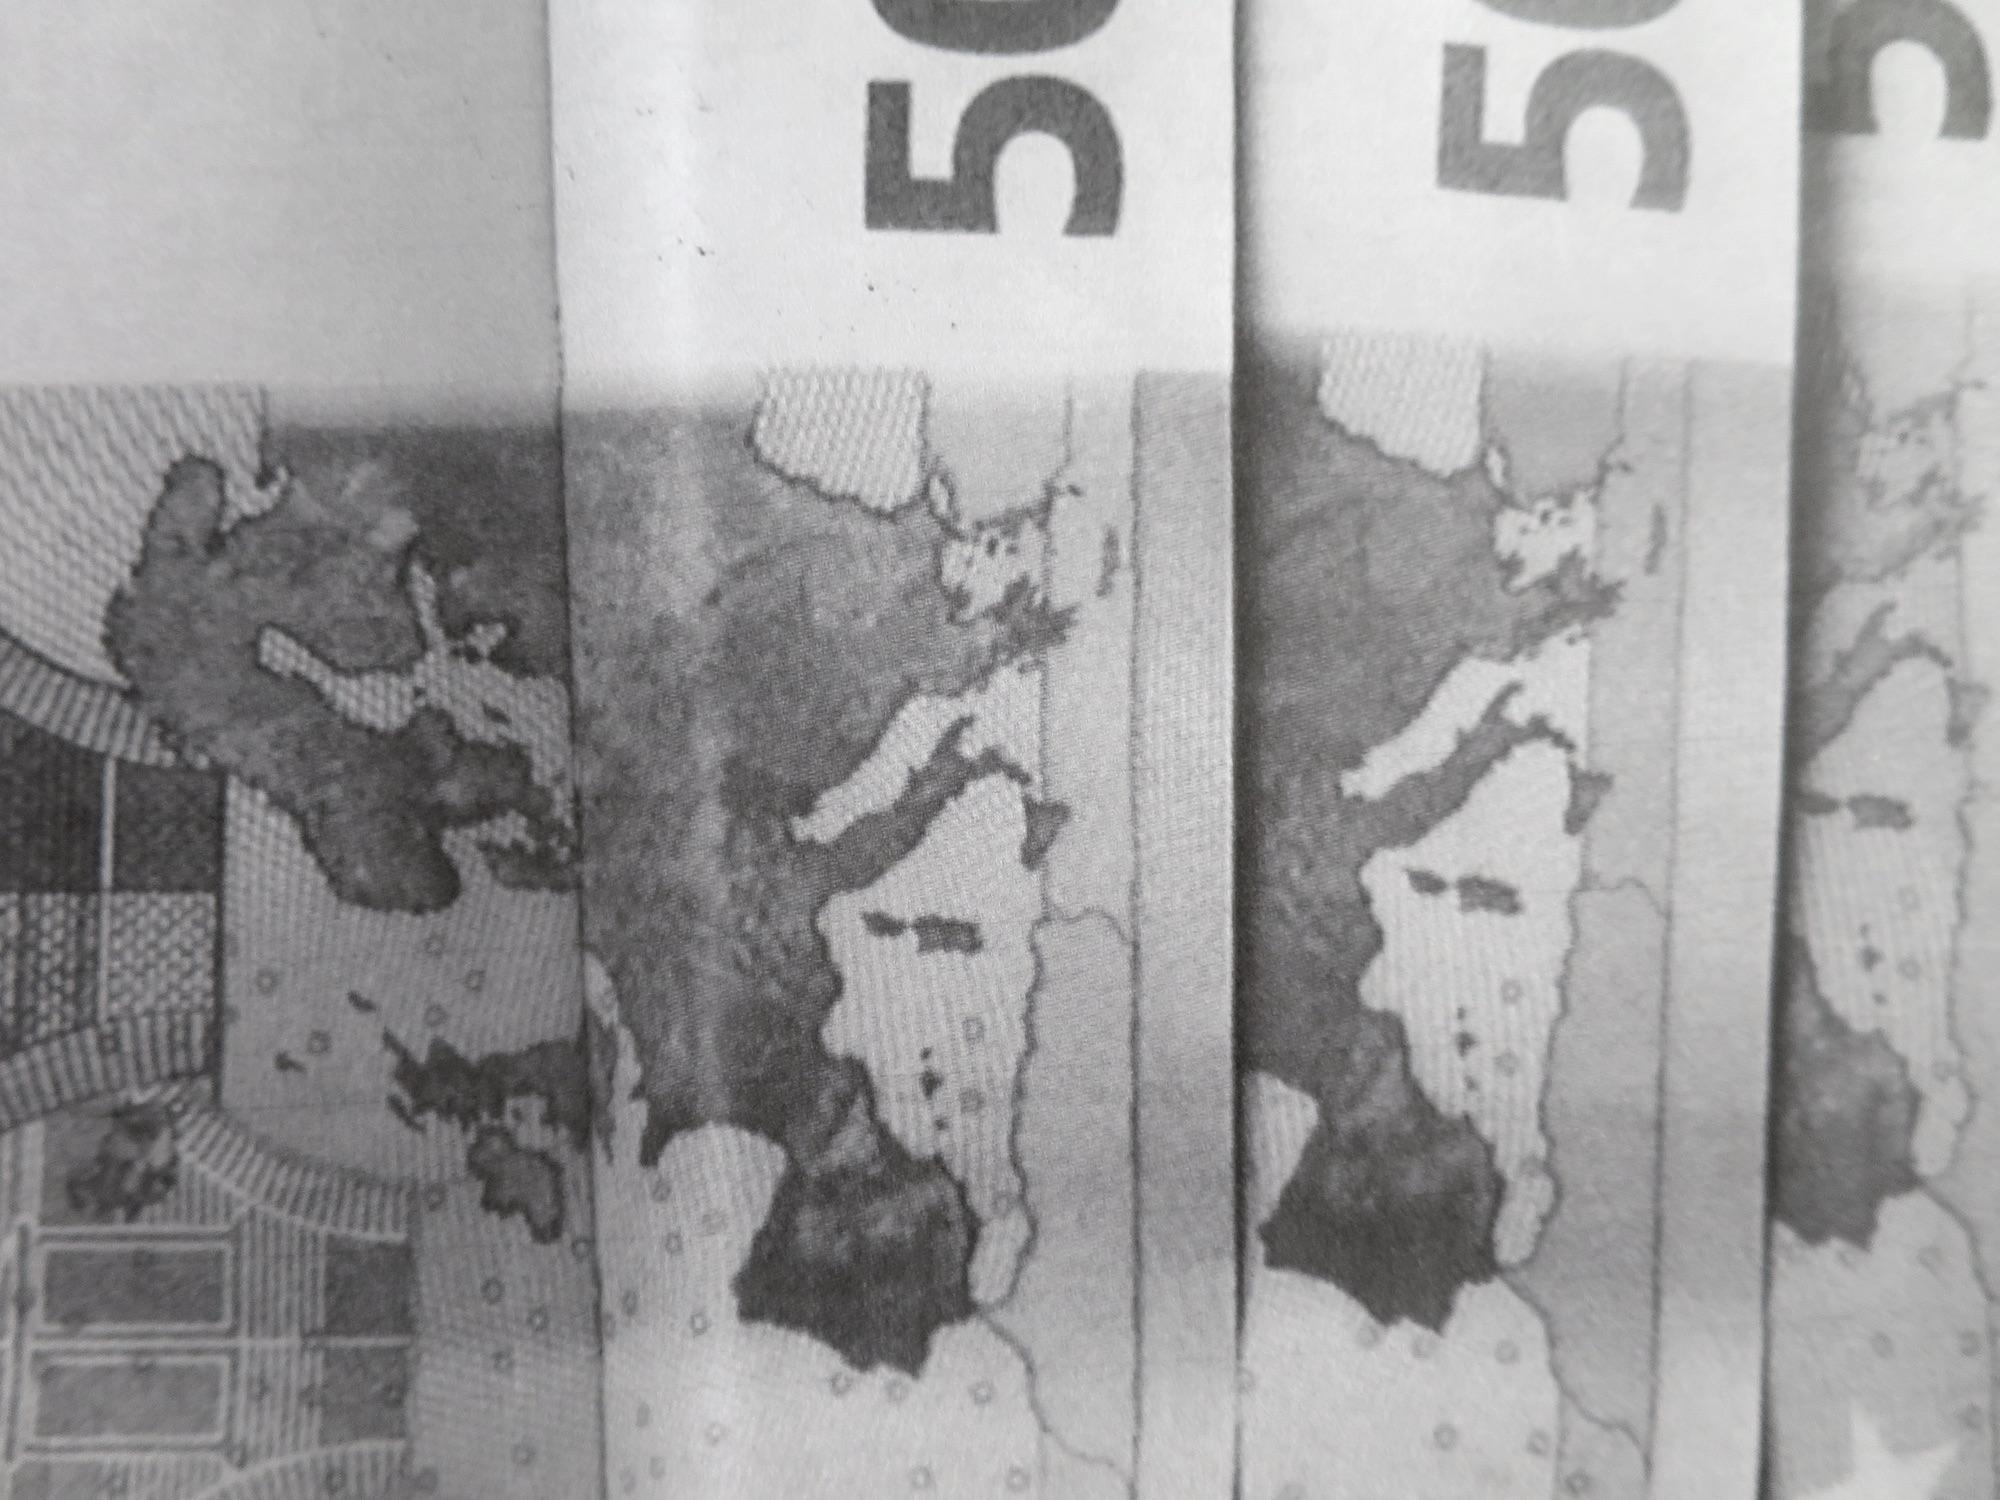 Claude Closky,  Les euros [Euros] ,2003, Paris, M19. Color offset, 80 pages, 20 x 17 cm. Detail, exhibition view 'ILUO,' CDLA, Saint-Yrieix-la-Perche, 2017. Curated by Christian Lebrat, Didier Mathieu